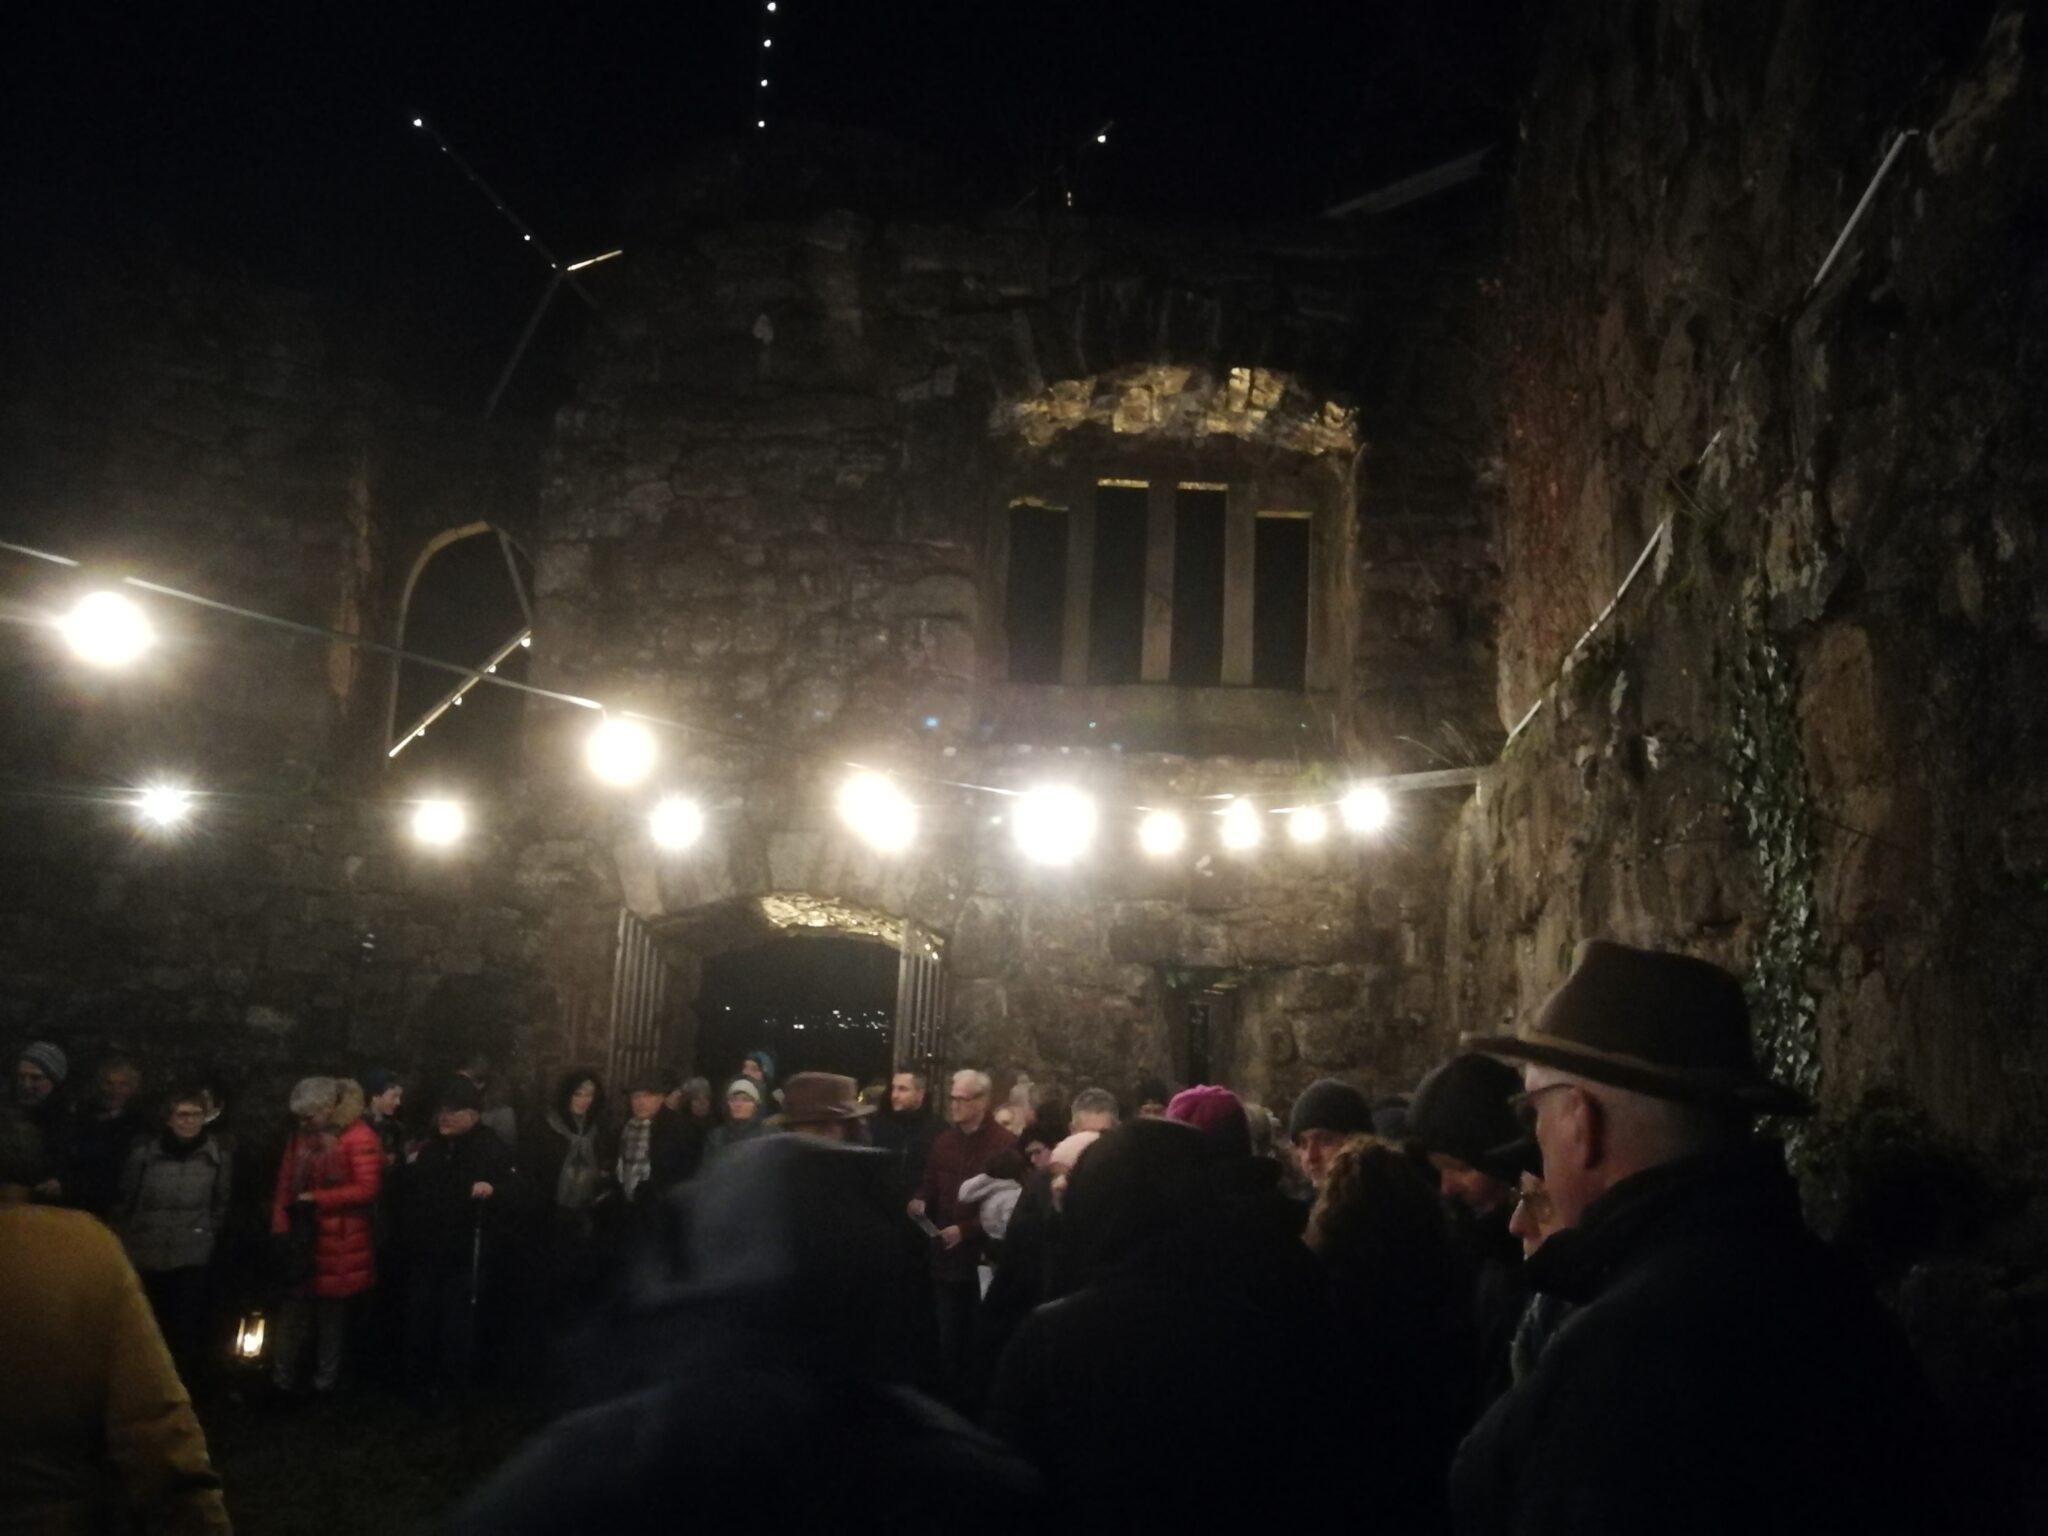 Waldweihnacht der evangelischen Kirchengemeinde Schramberg Lauterbach auf der Burgruine Hohenschramberg. Fotos: ama